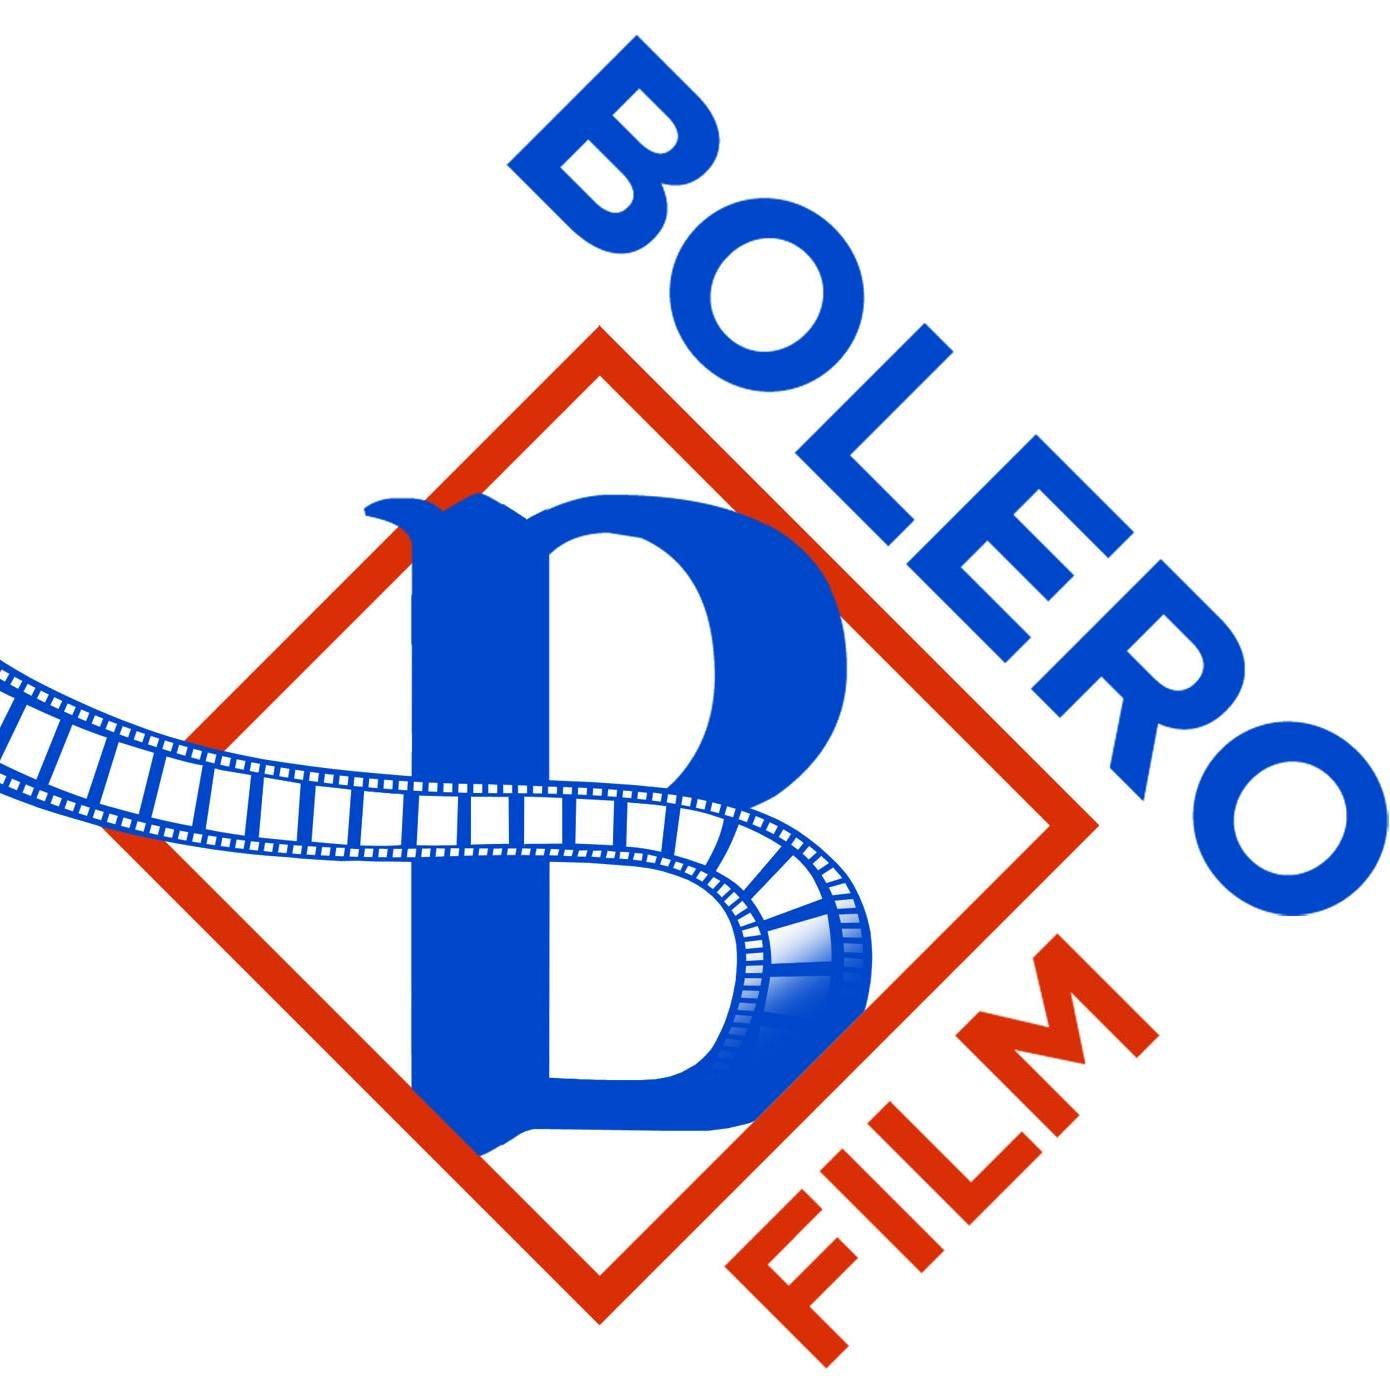 bolero film logo